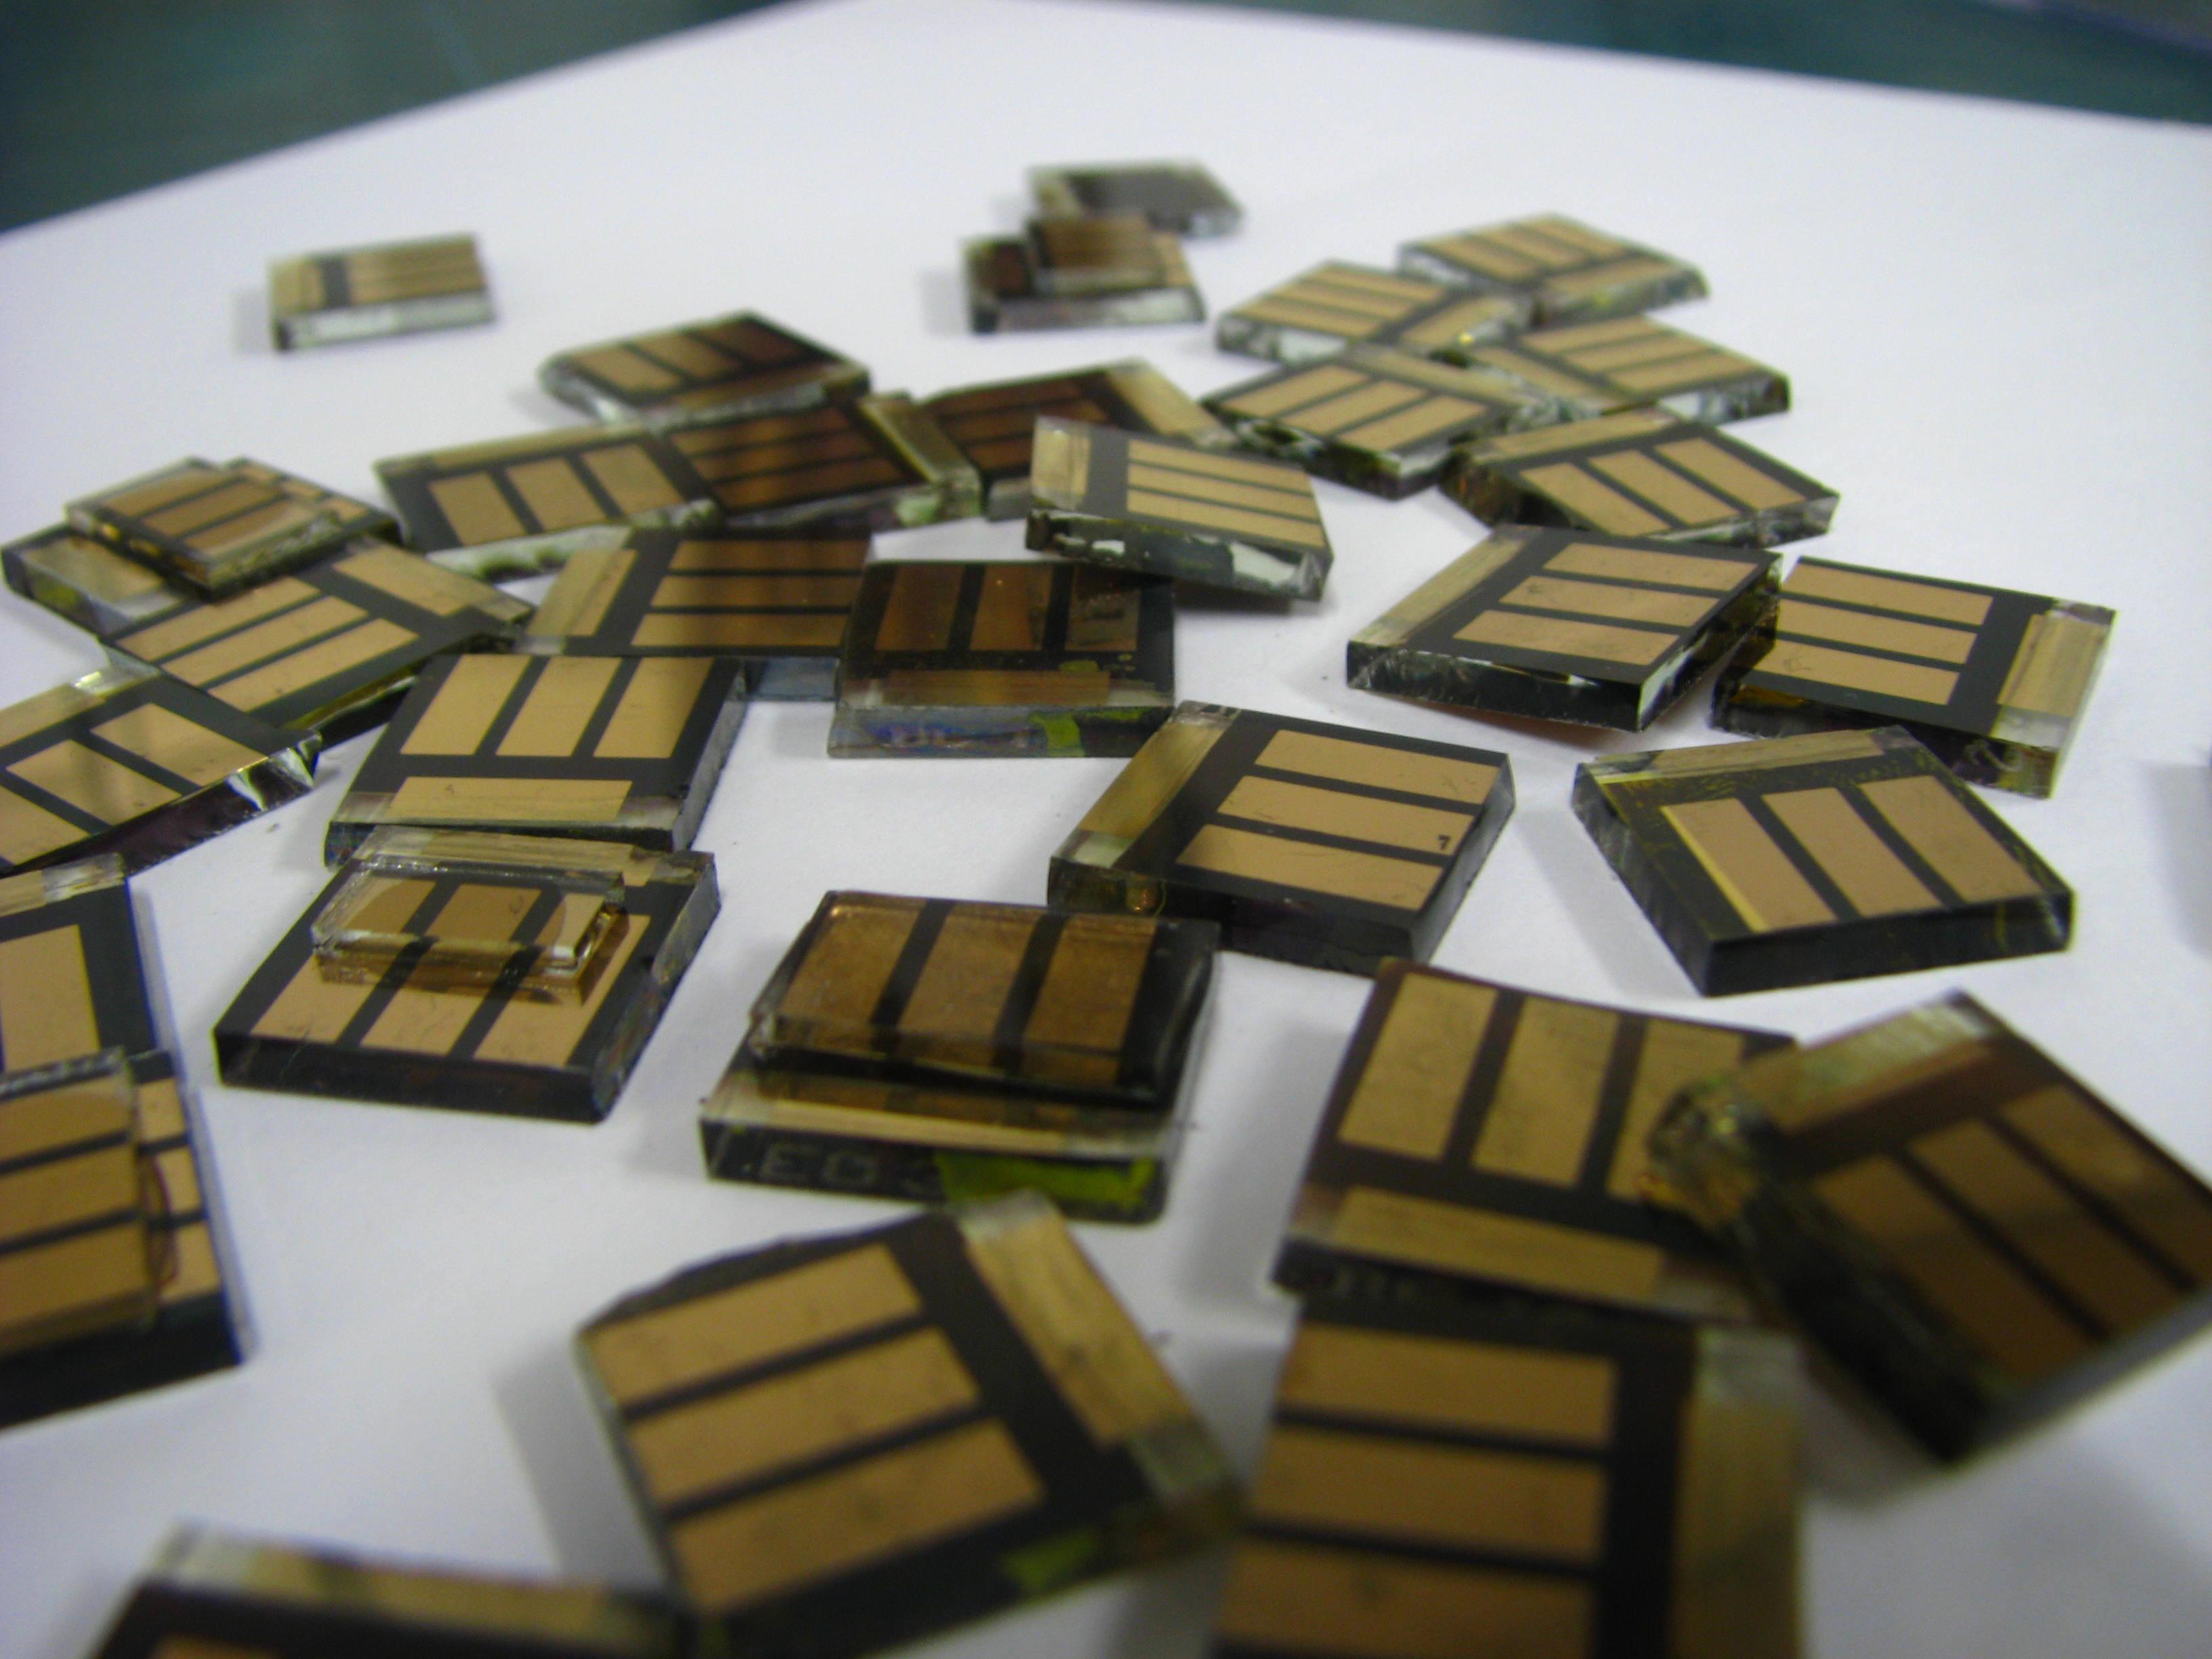 페로브스카이트 태양전지.위키미디어 제공.